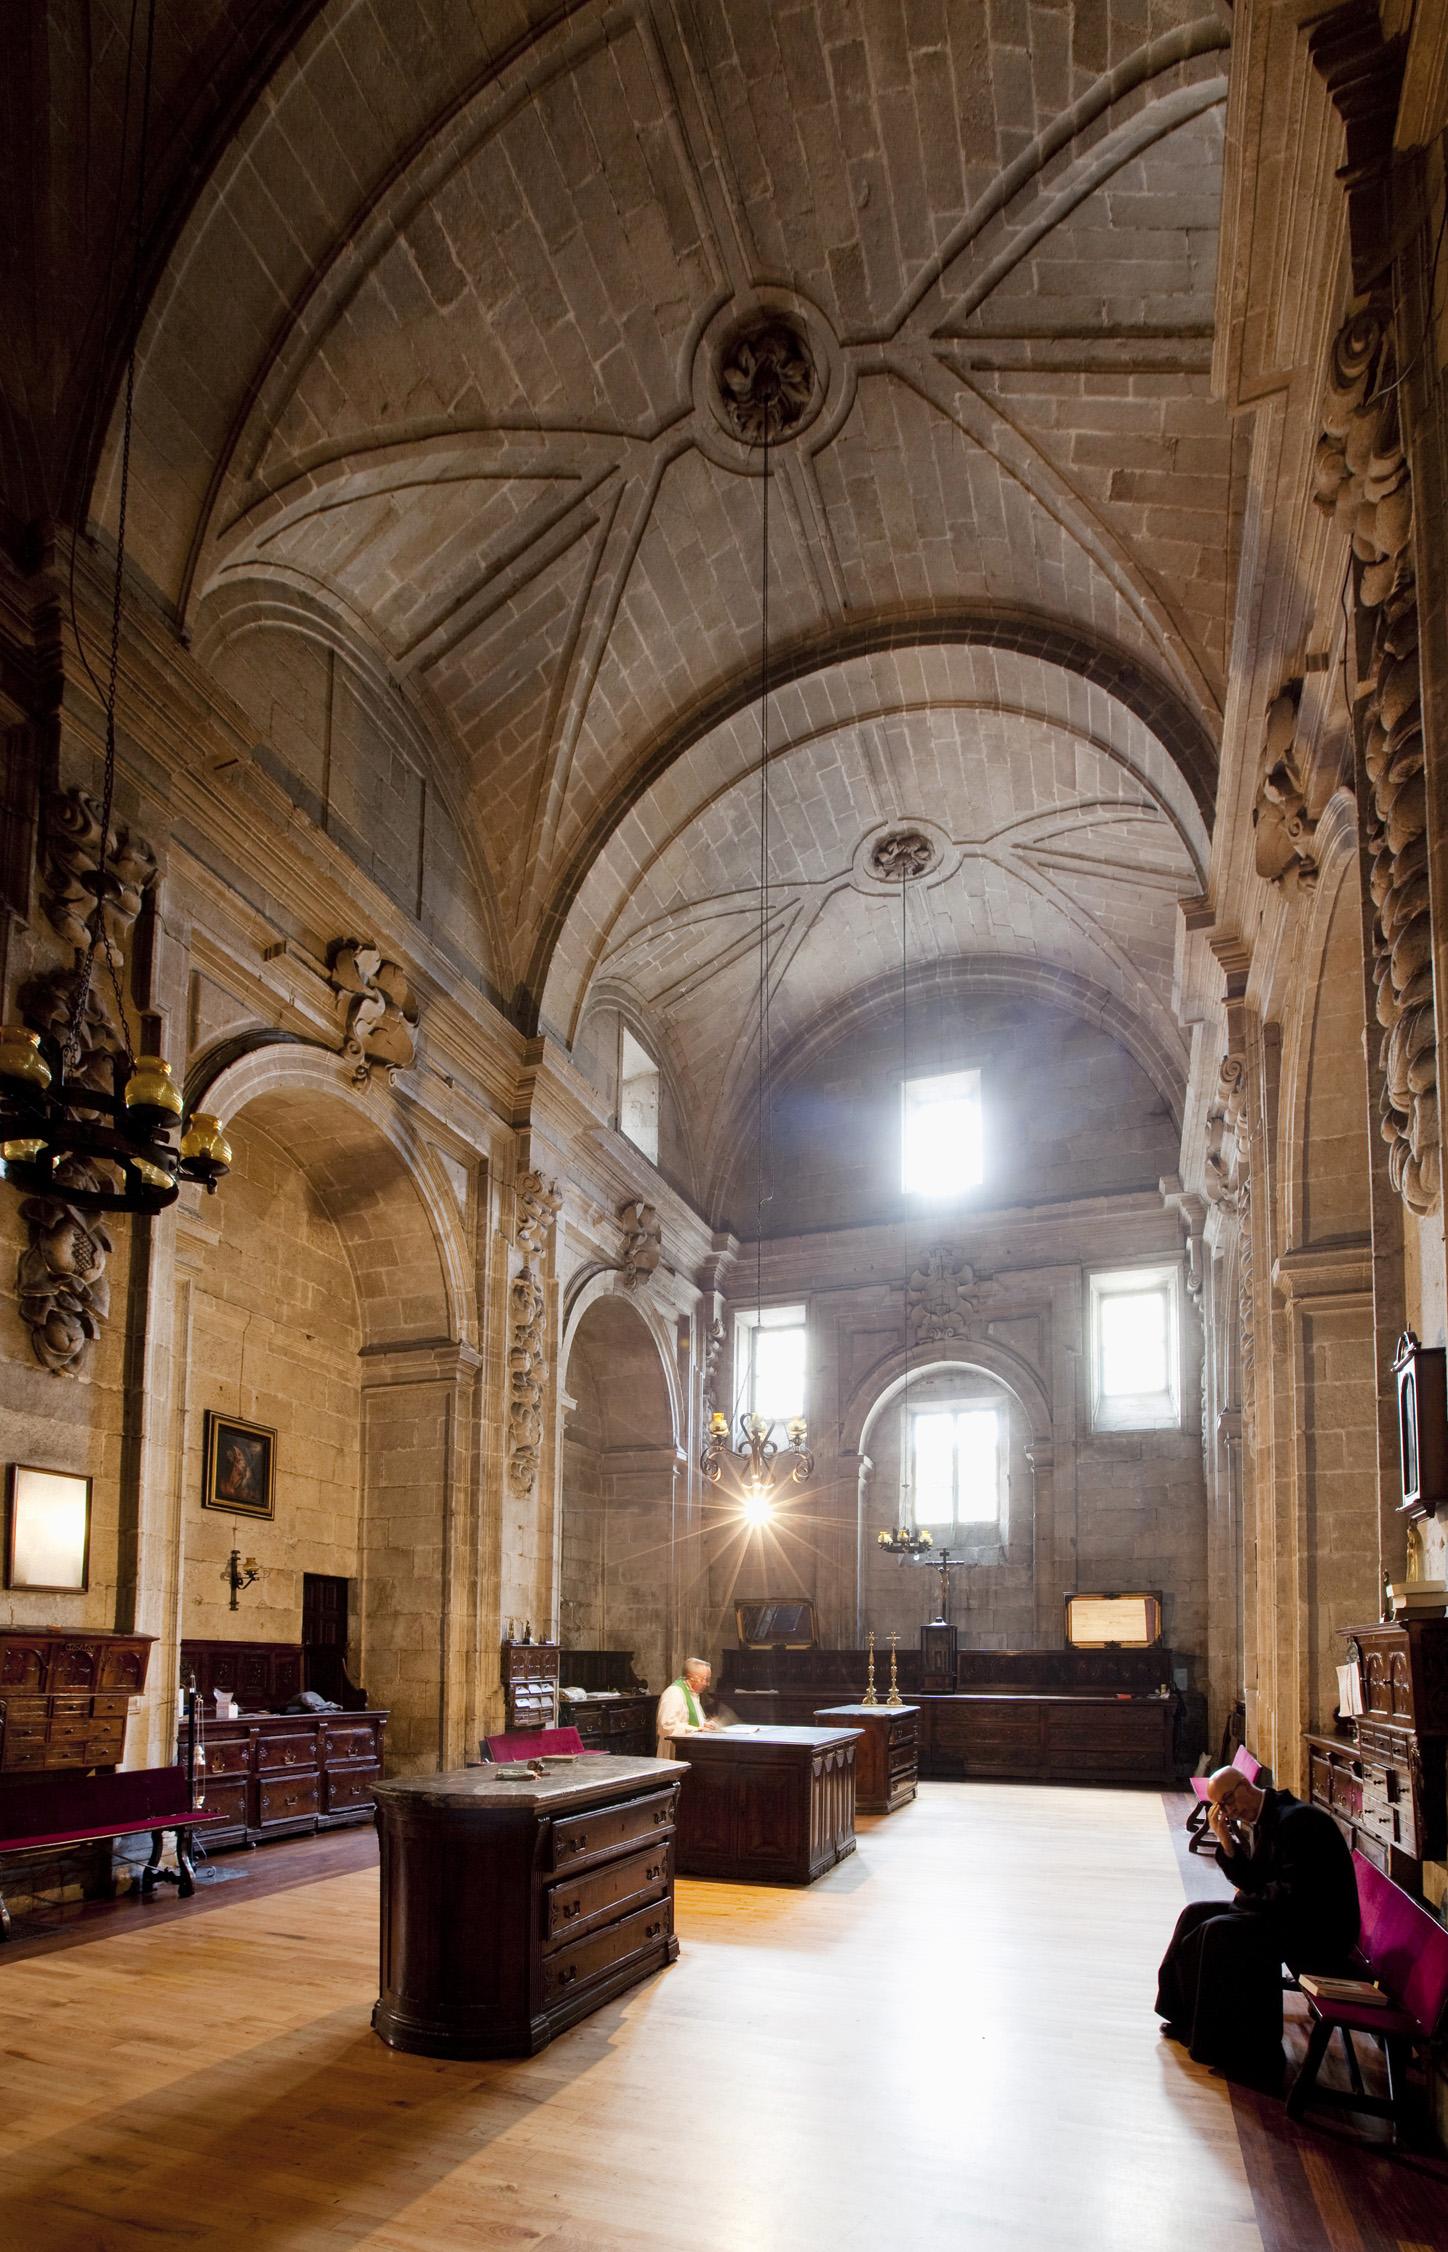 Detalle sancrist�a da catedral de Lugo. Fotos: Tino Viz (Margen fotograf�a)